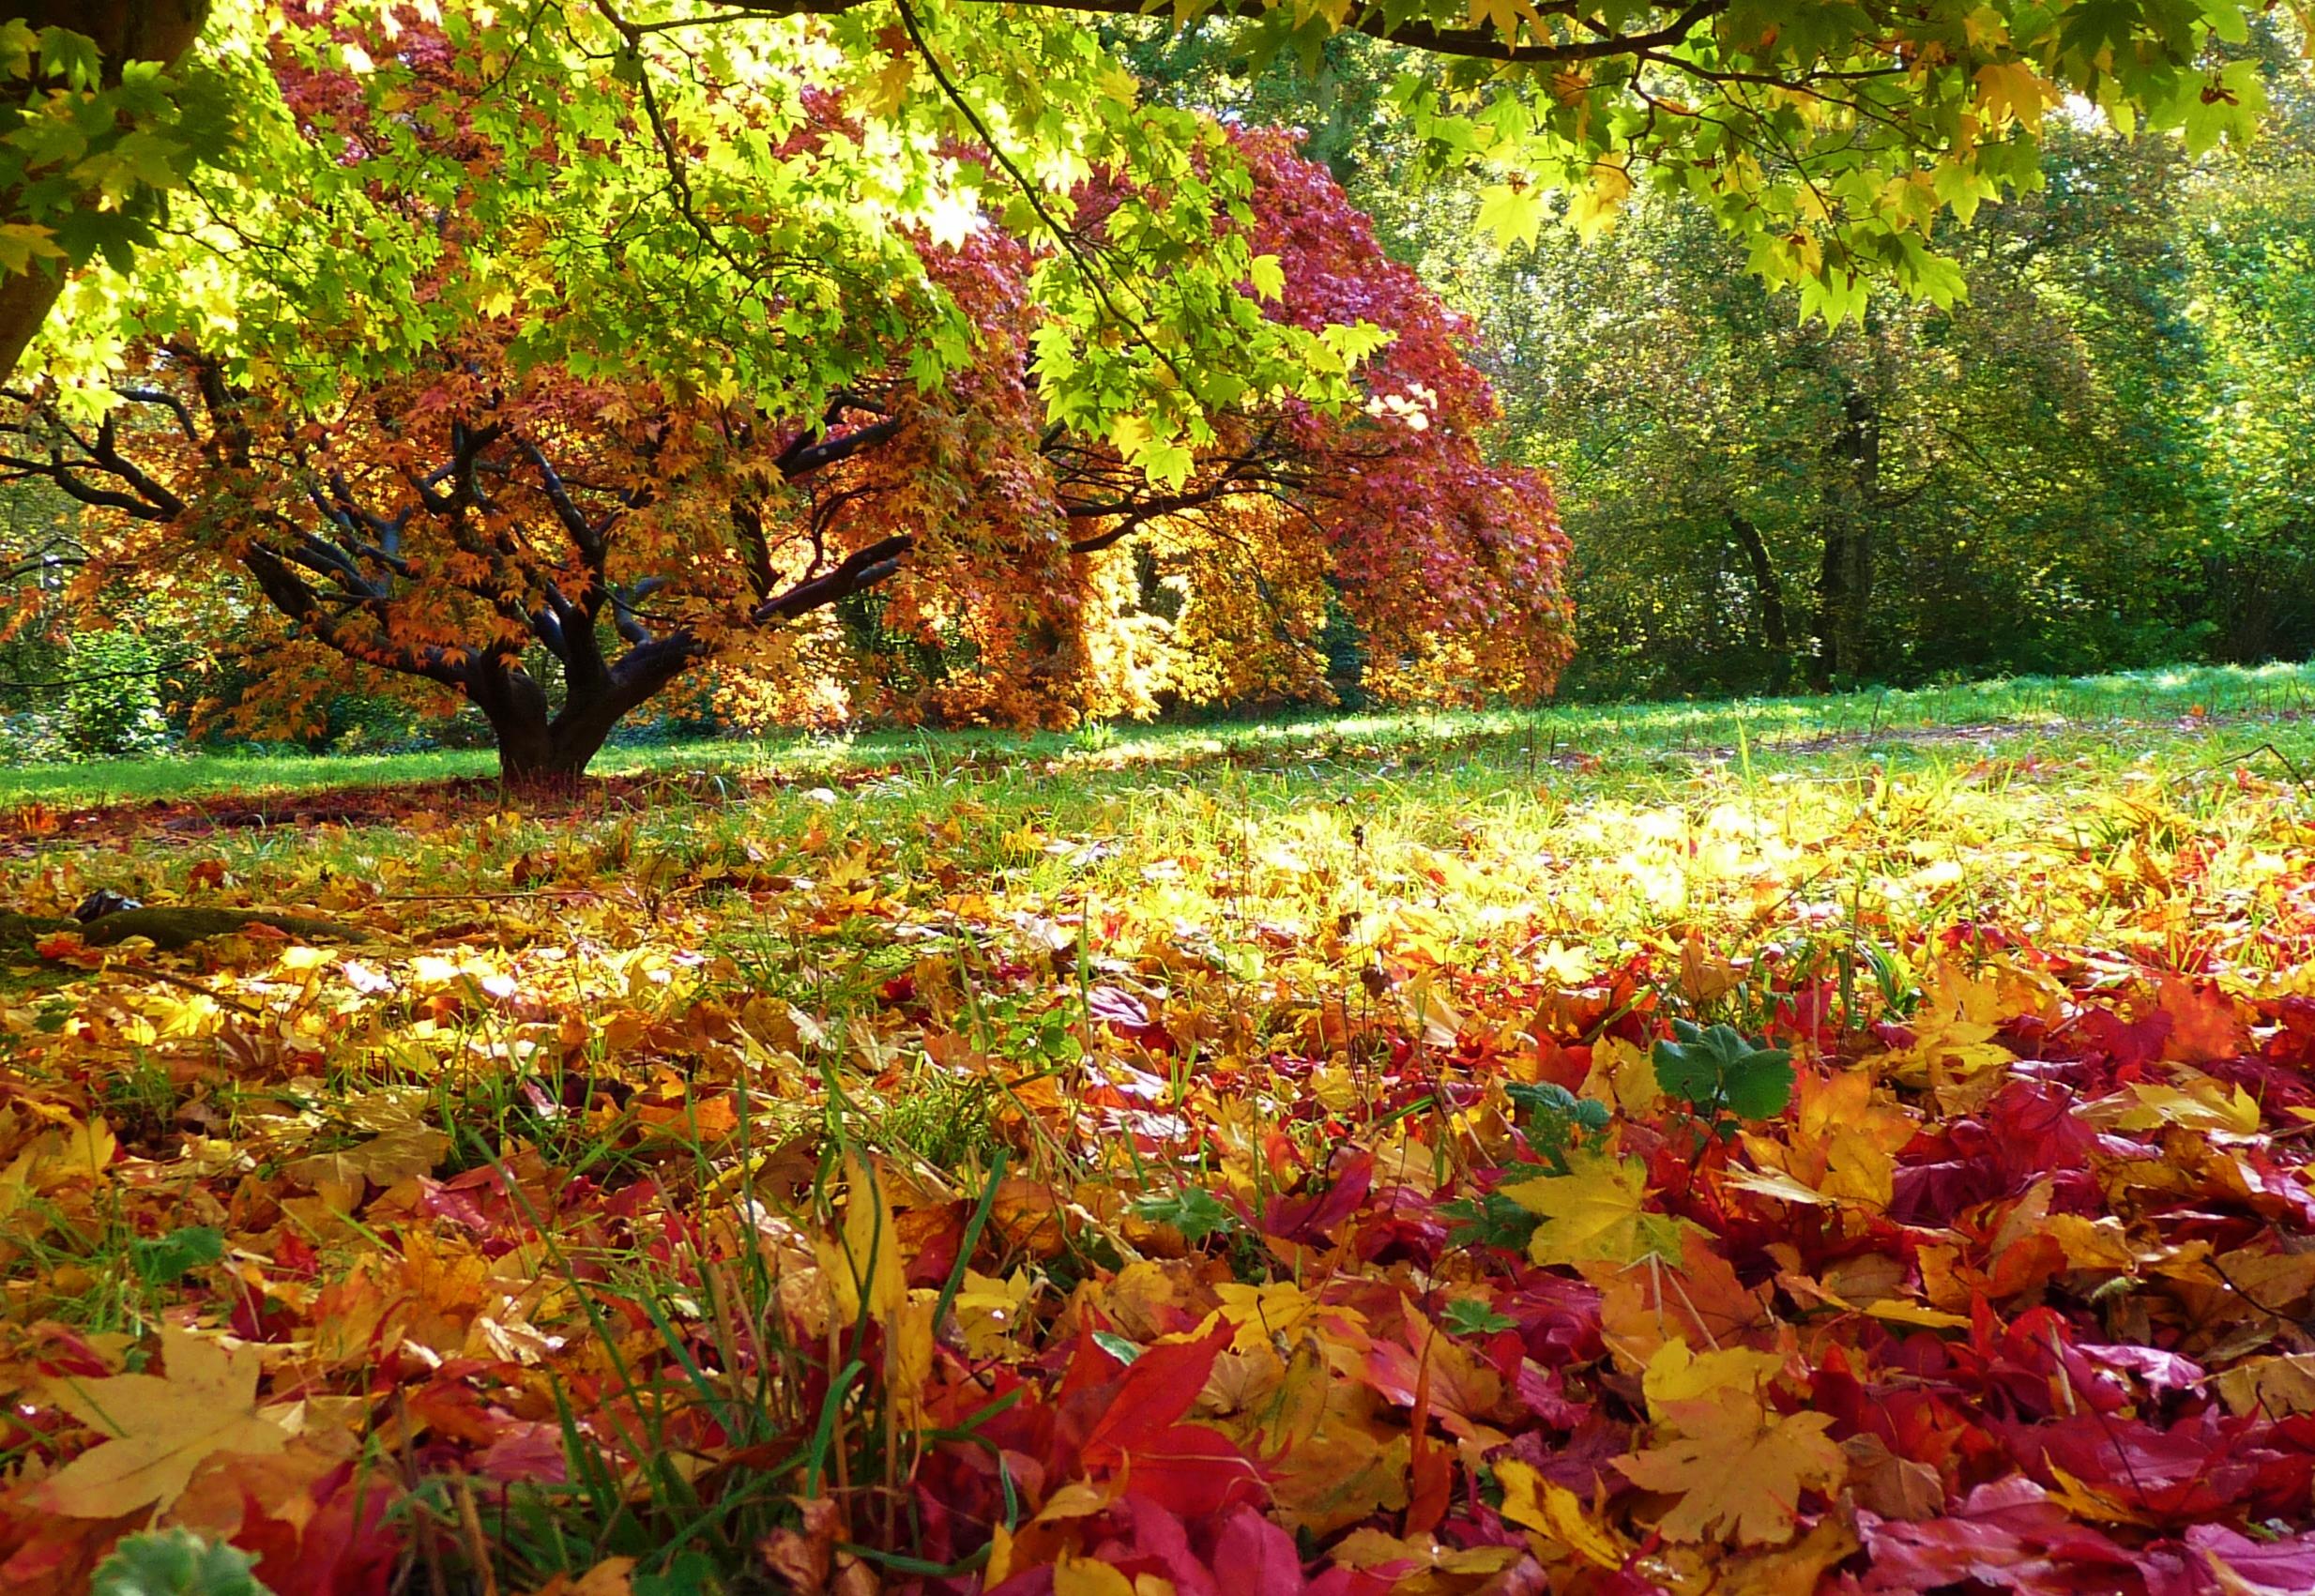 Lá đỏ rơi mùa thu cực kỳ đẹp